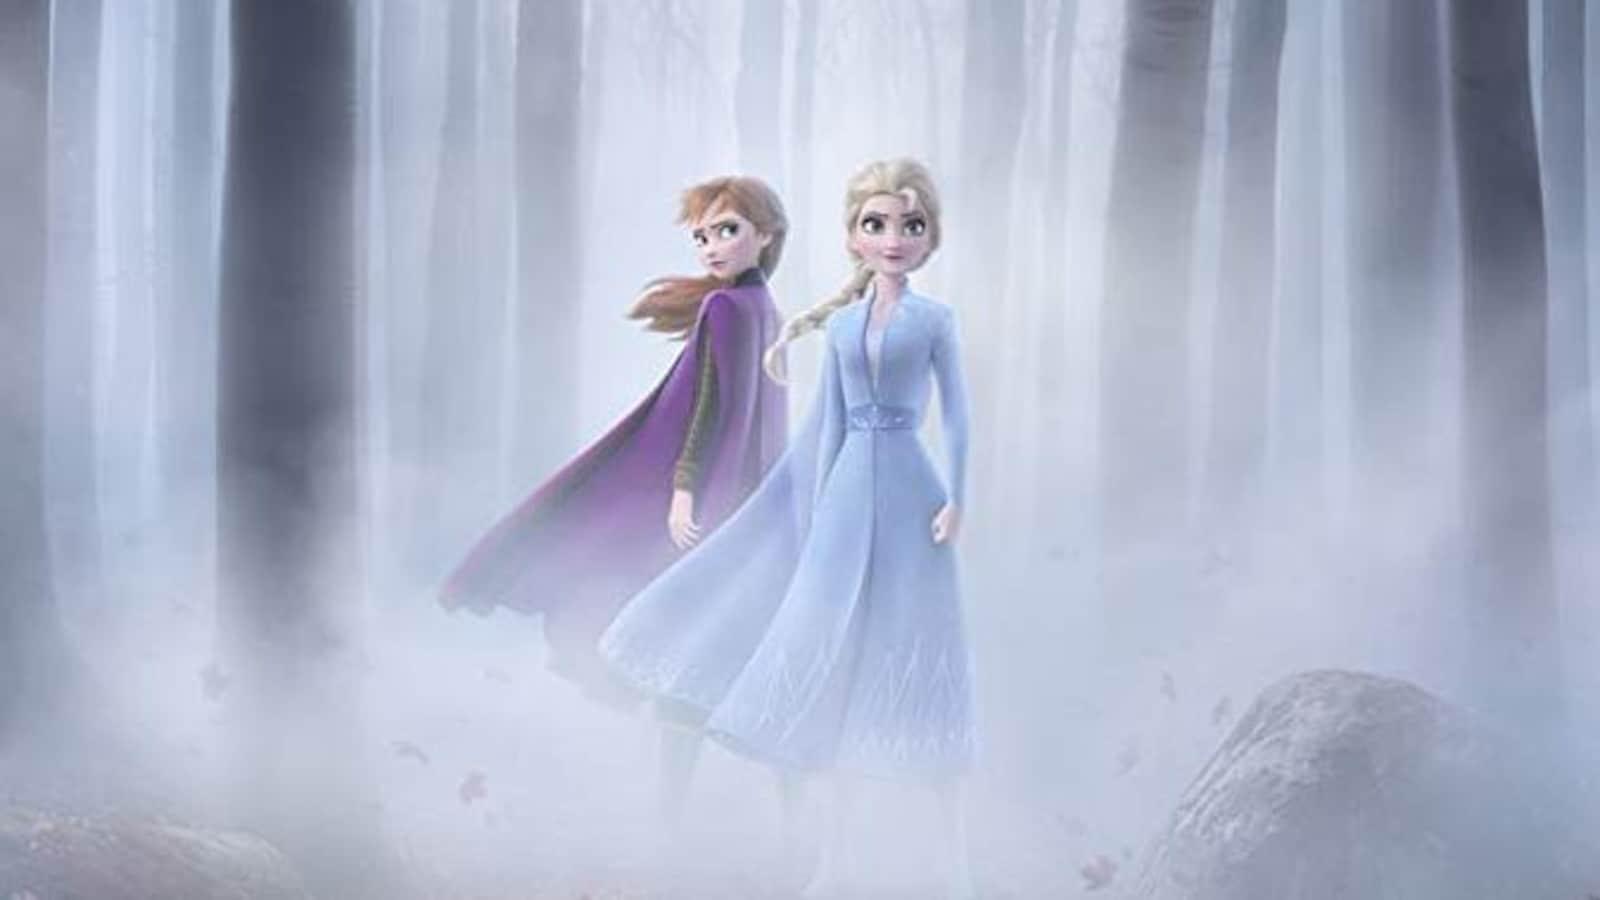 Anna à gauche et Elsa à droite.